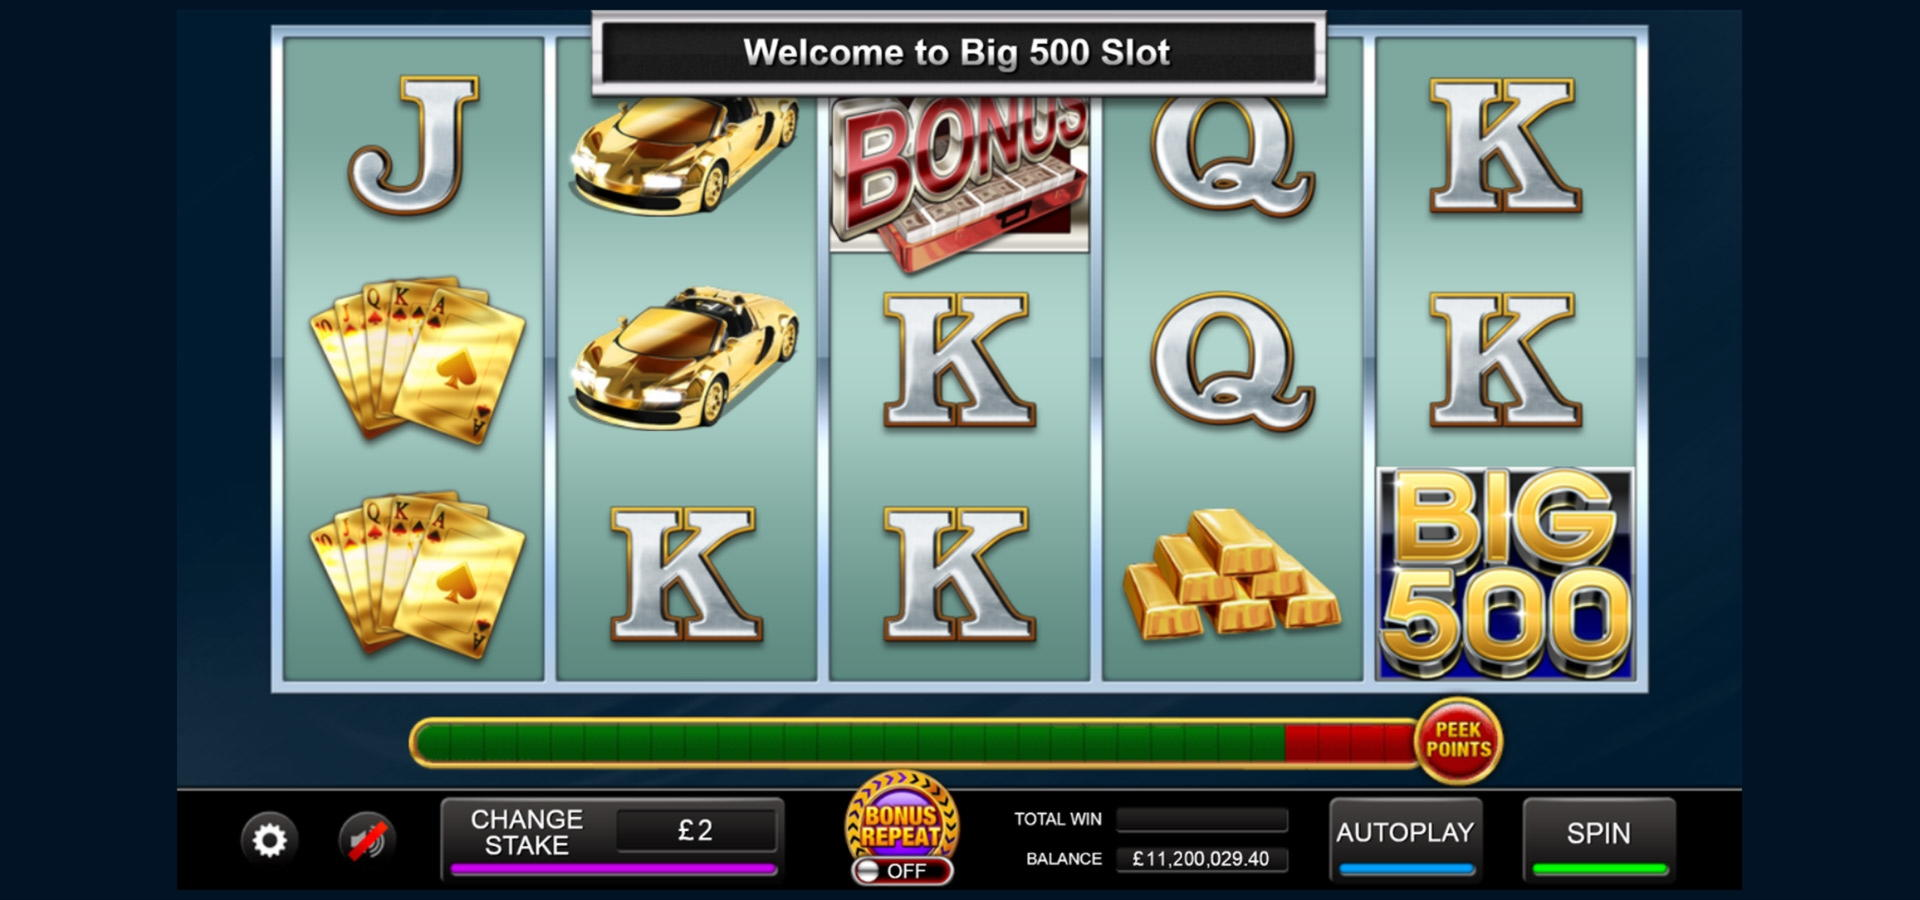 EUR 170 Casino Tournament at Casino Ventura